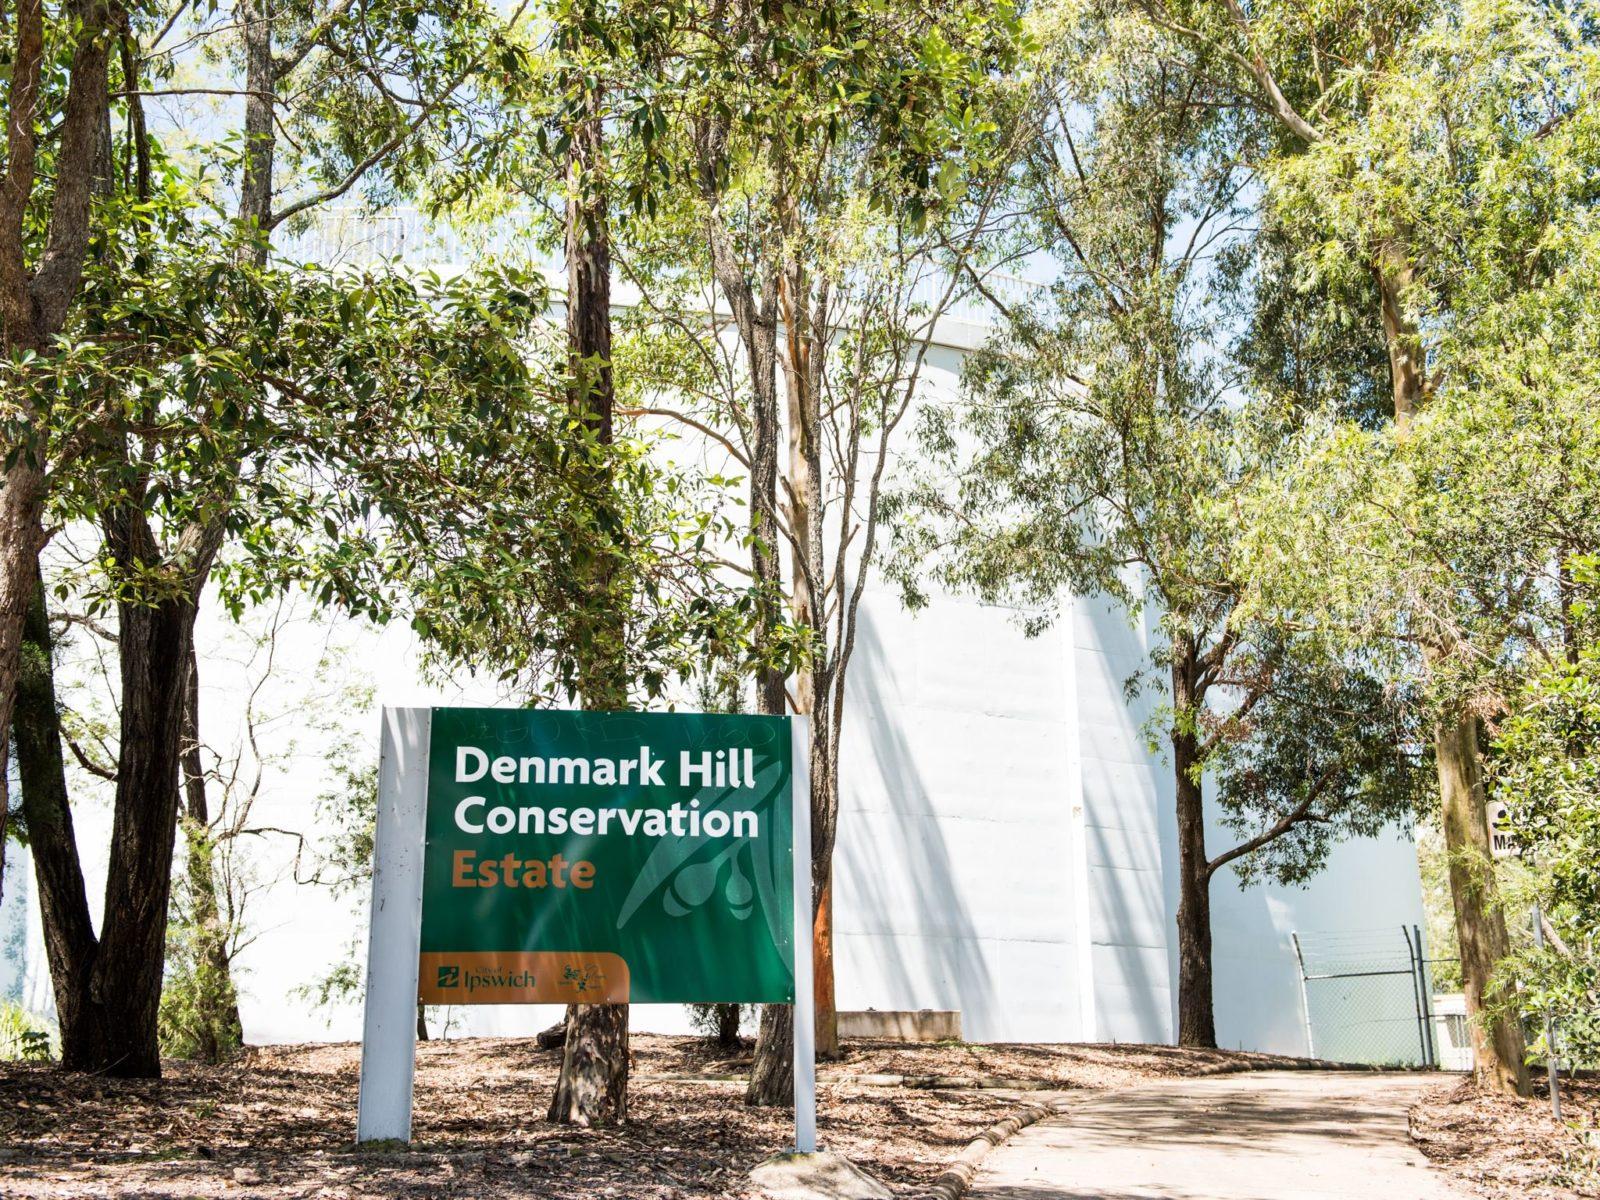 Denmark Hill Conservaton Reserve, Ipswich